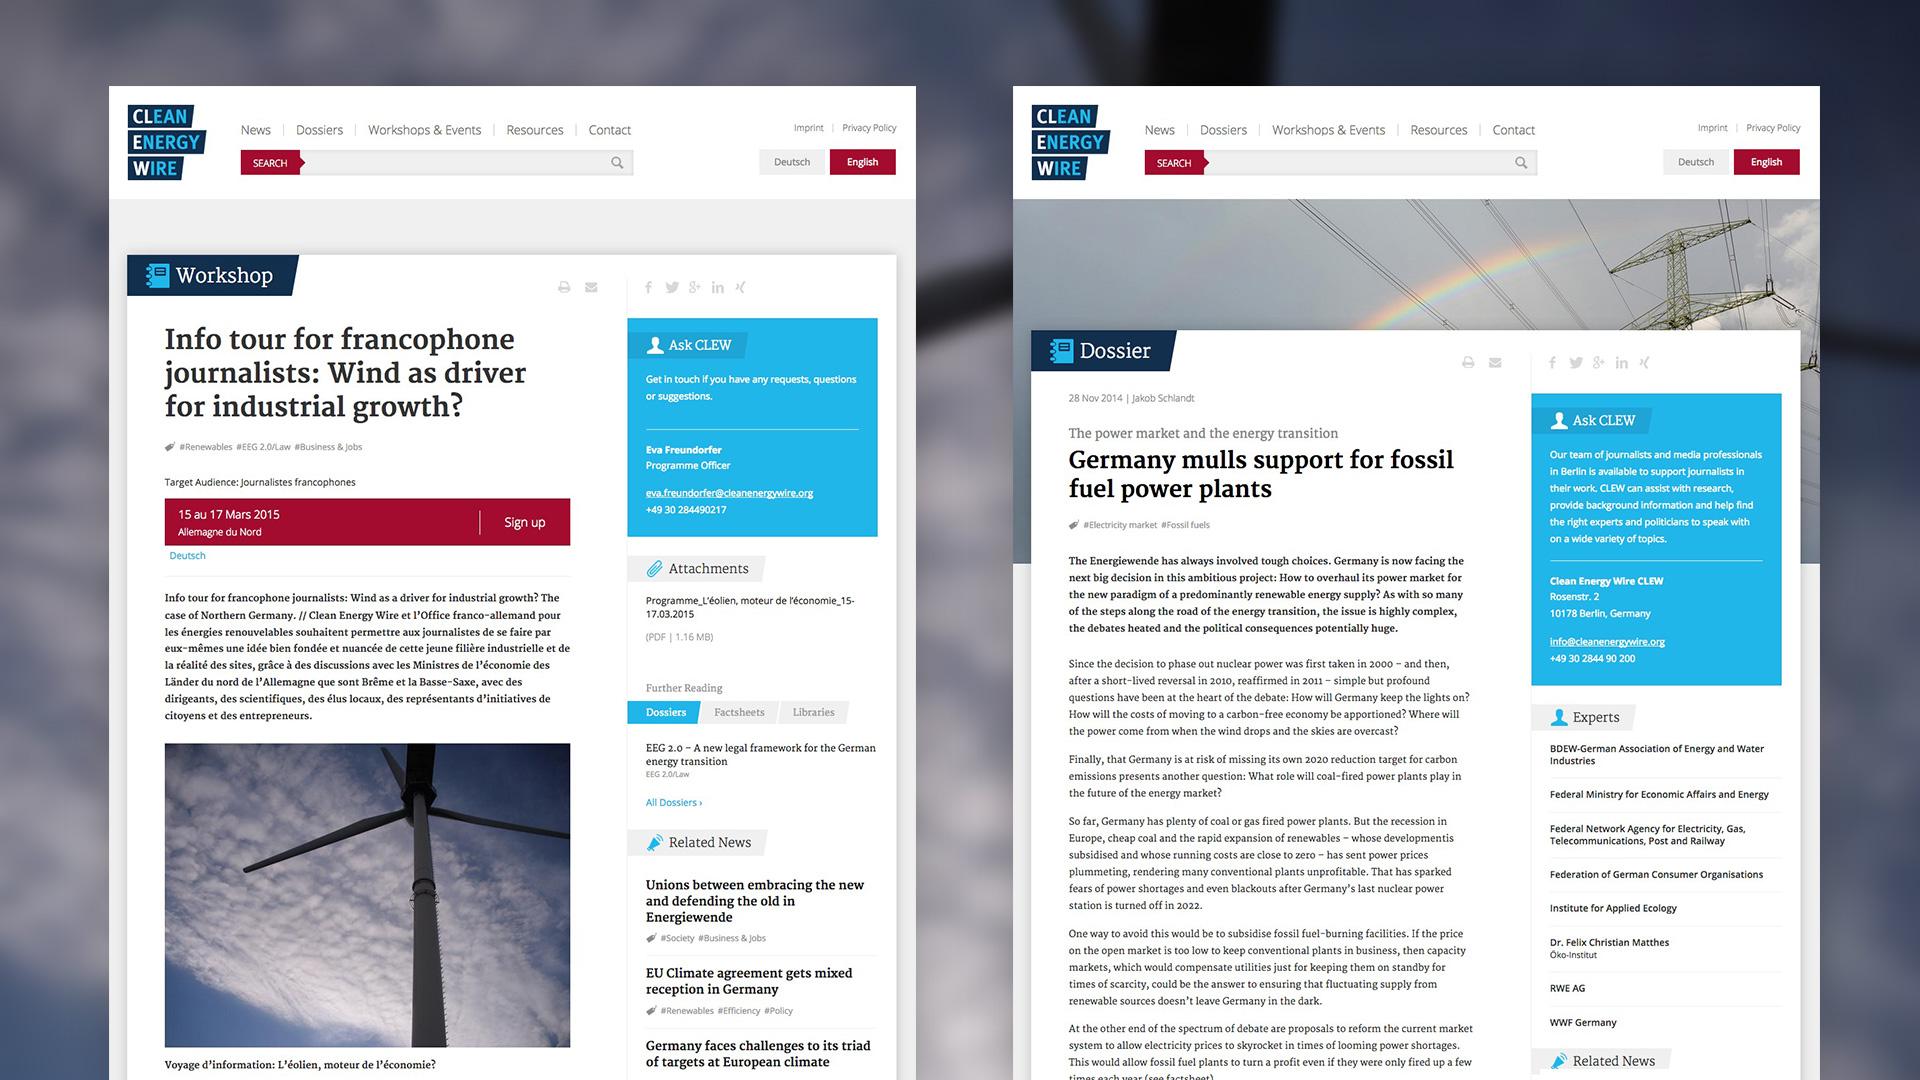 Unterseiten des Webprojektes